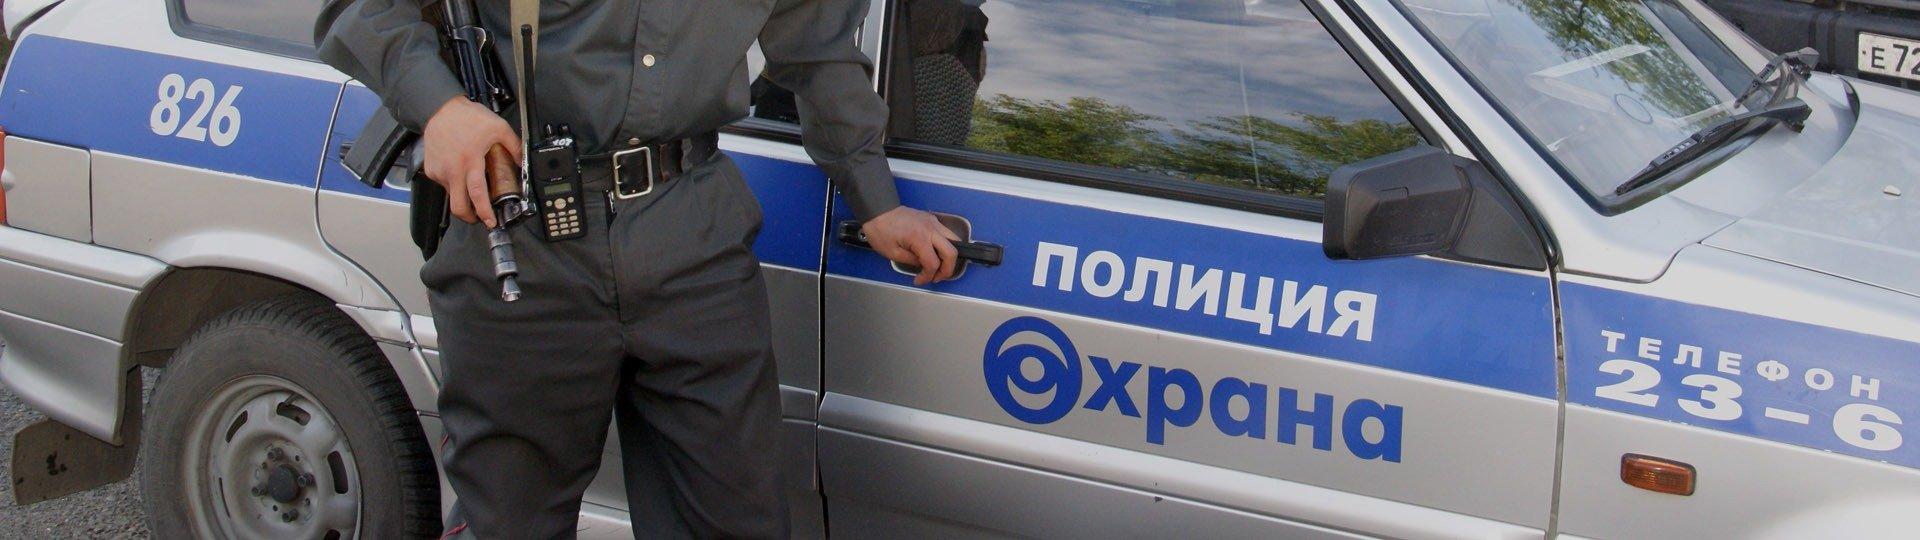 Государственное учреждение вневедомственной охраны при МВД России